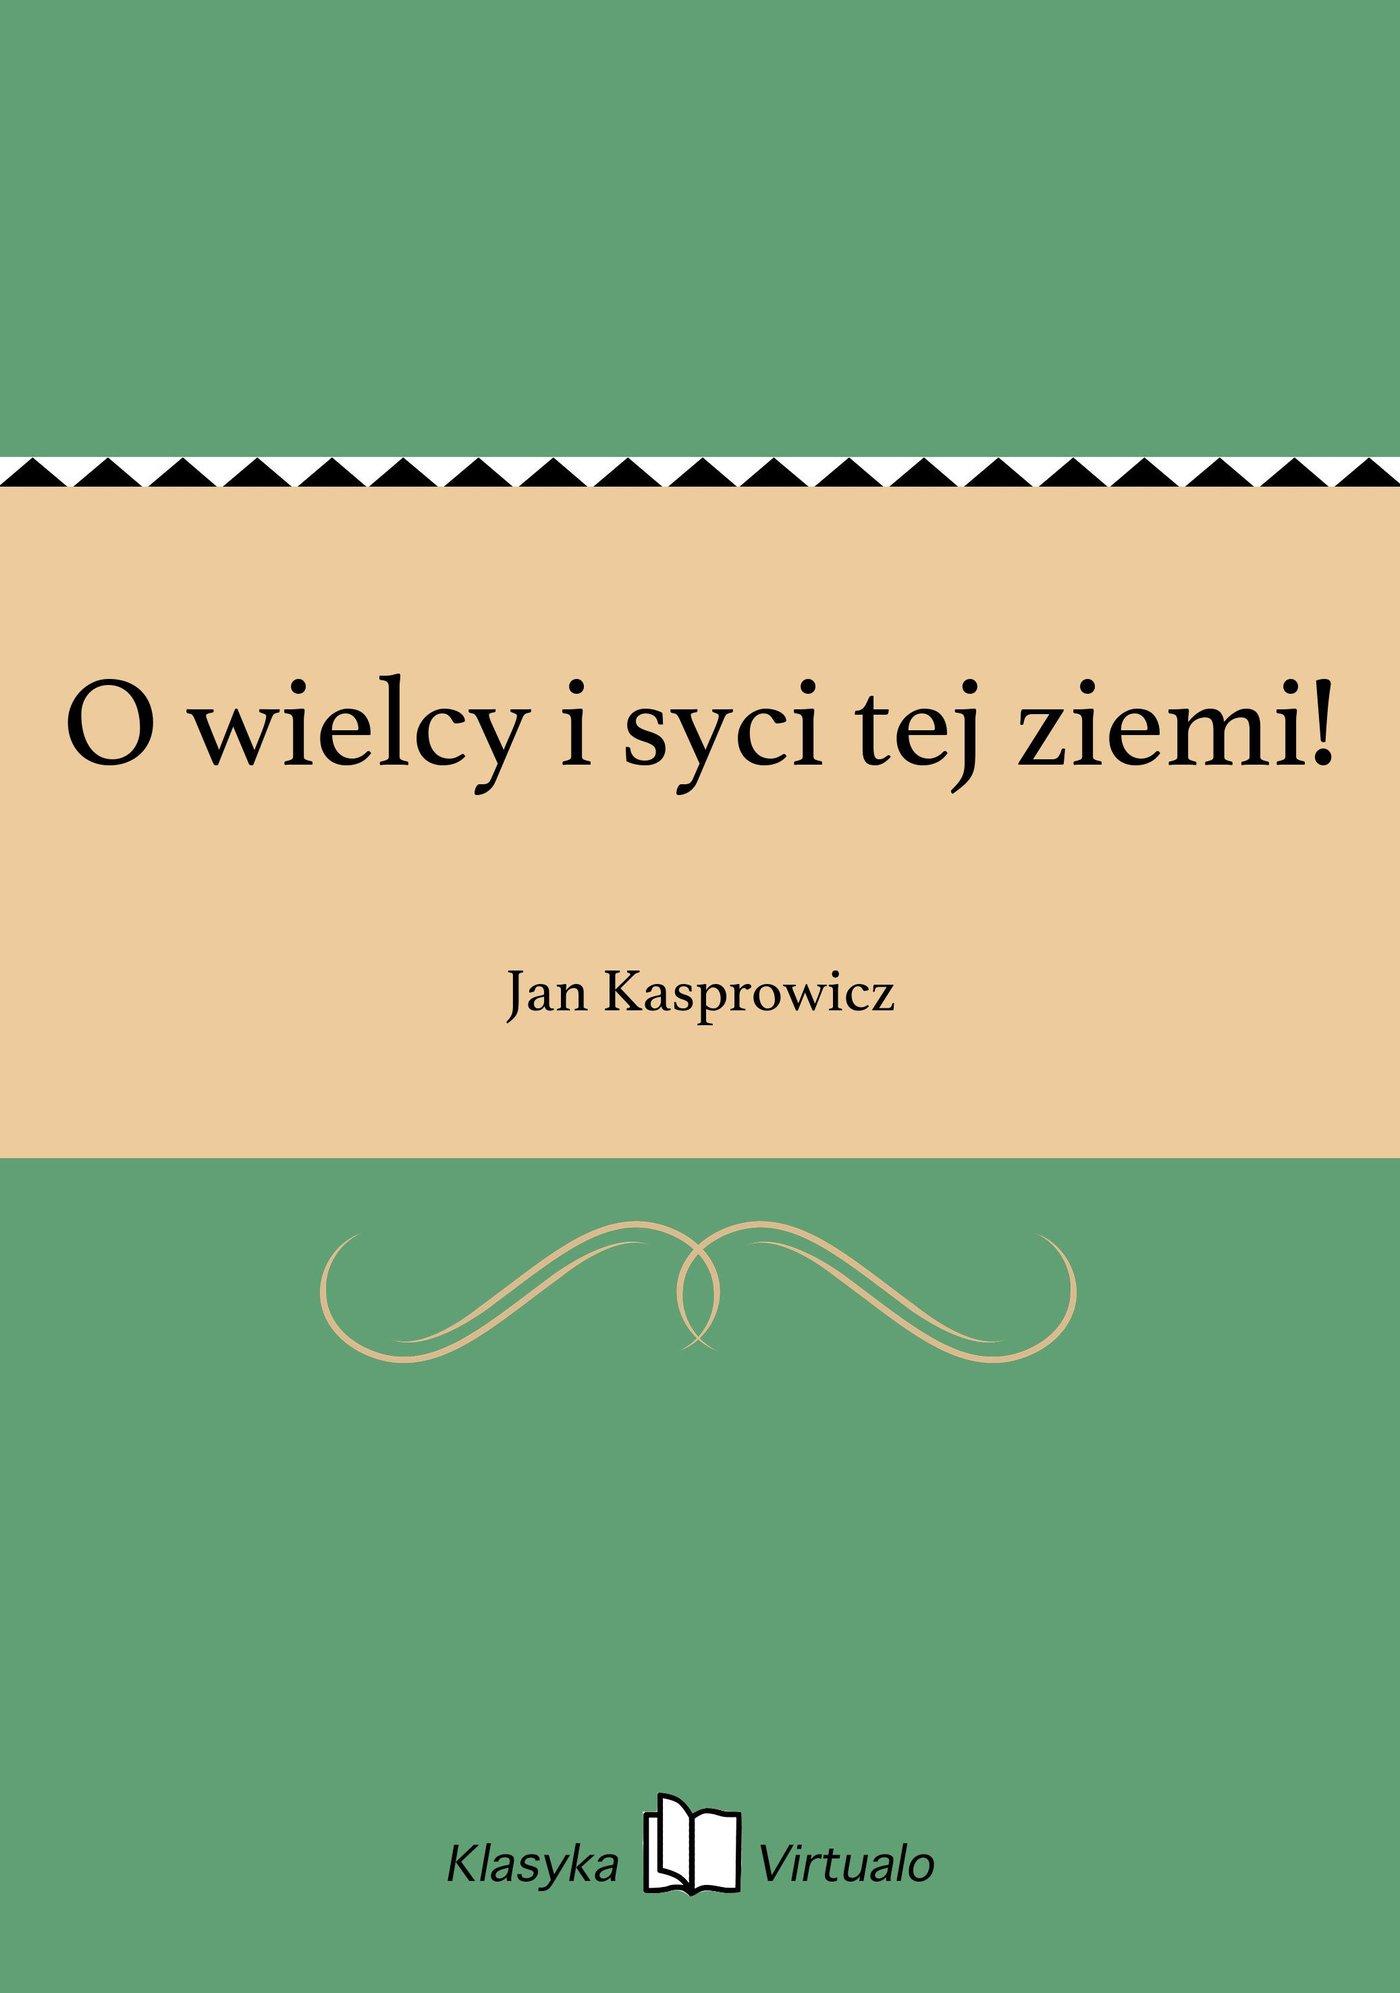 O wielcy i syci tej ziemi! - Ebook (Książka EPUB) do pobrania w formacie EPUB